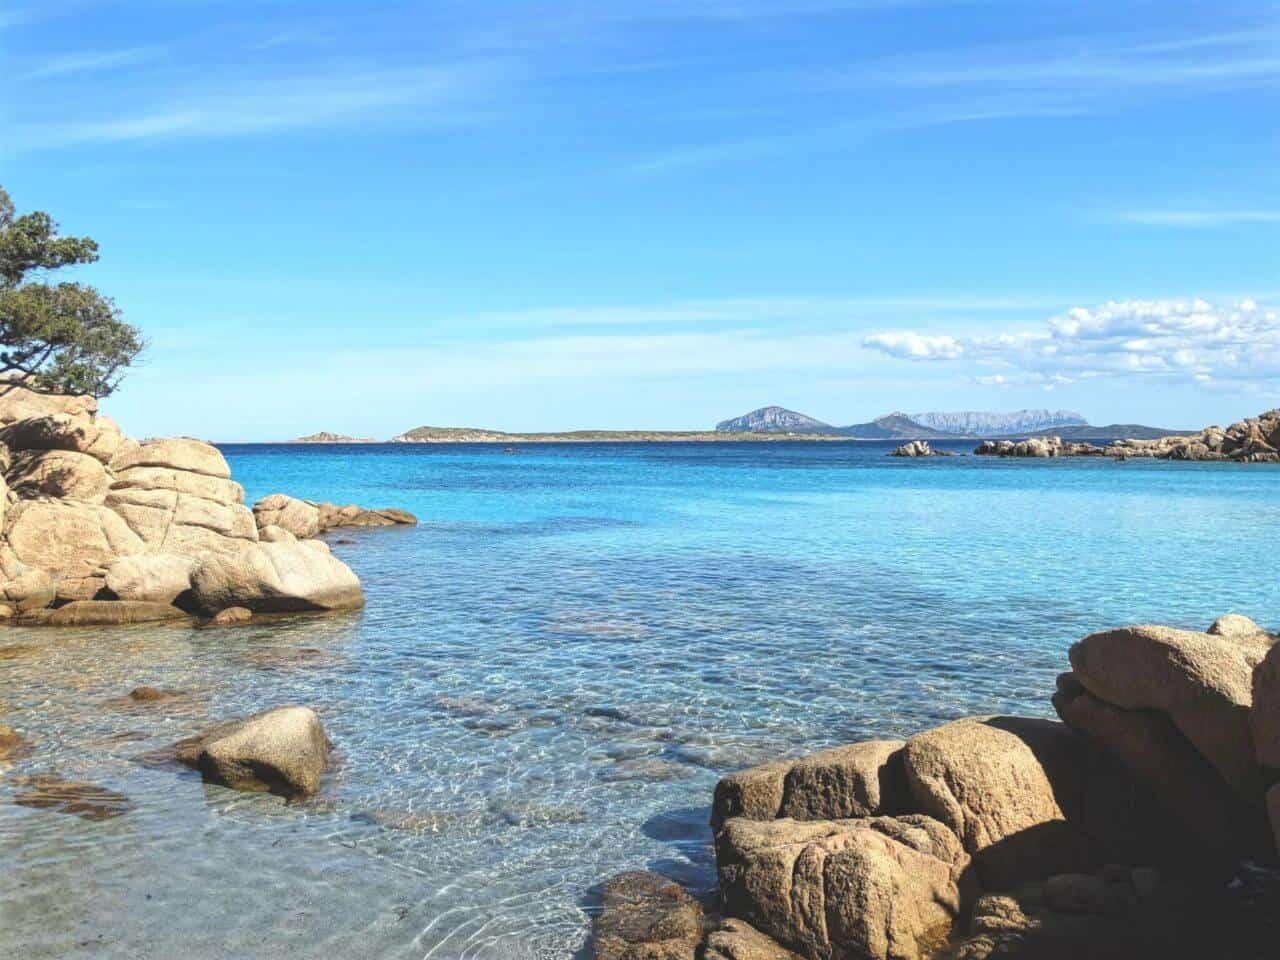 Sardinien - Sinfonie in blau